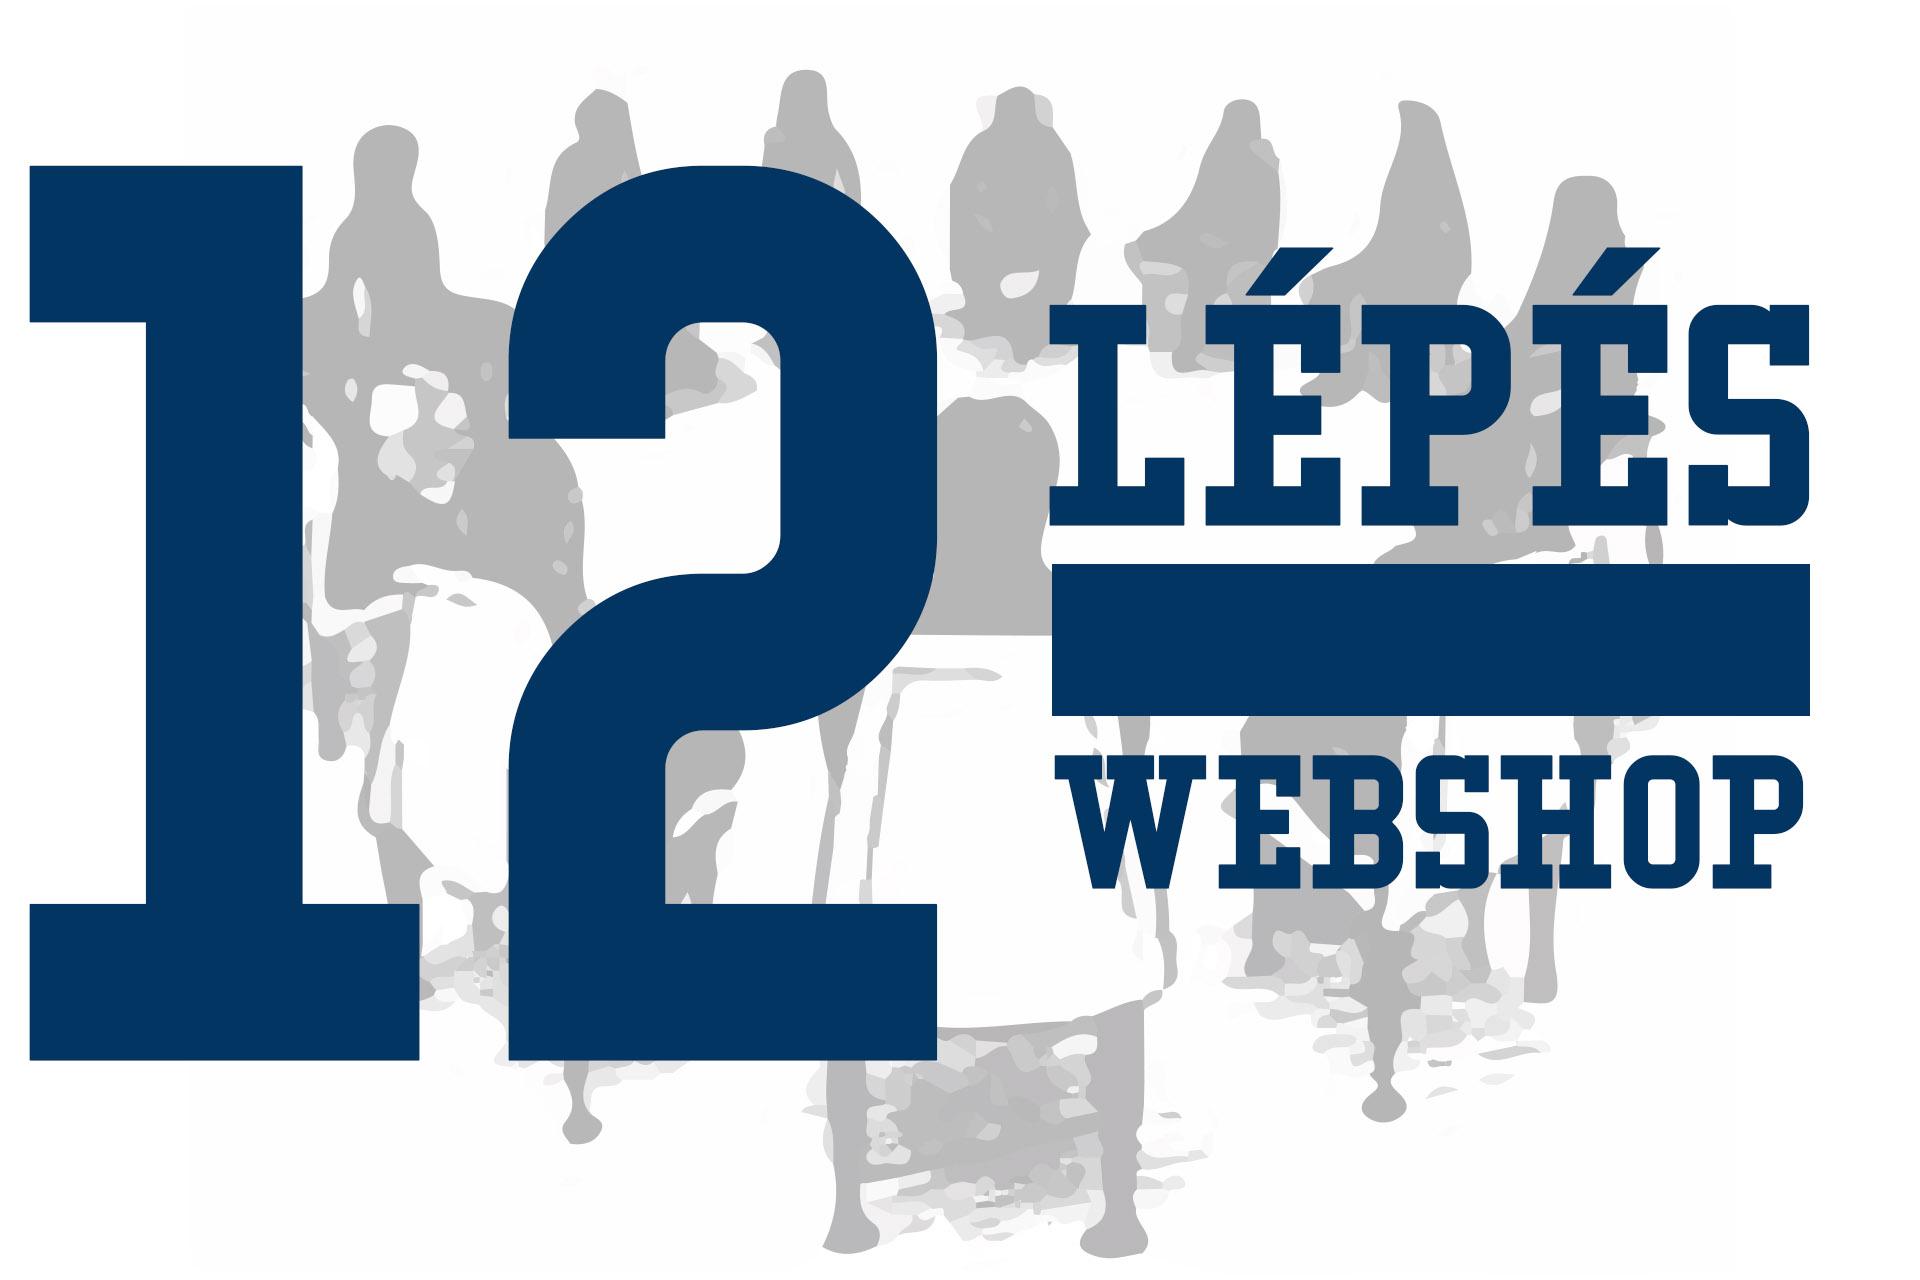 12 lépés webshop